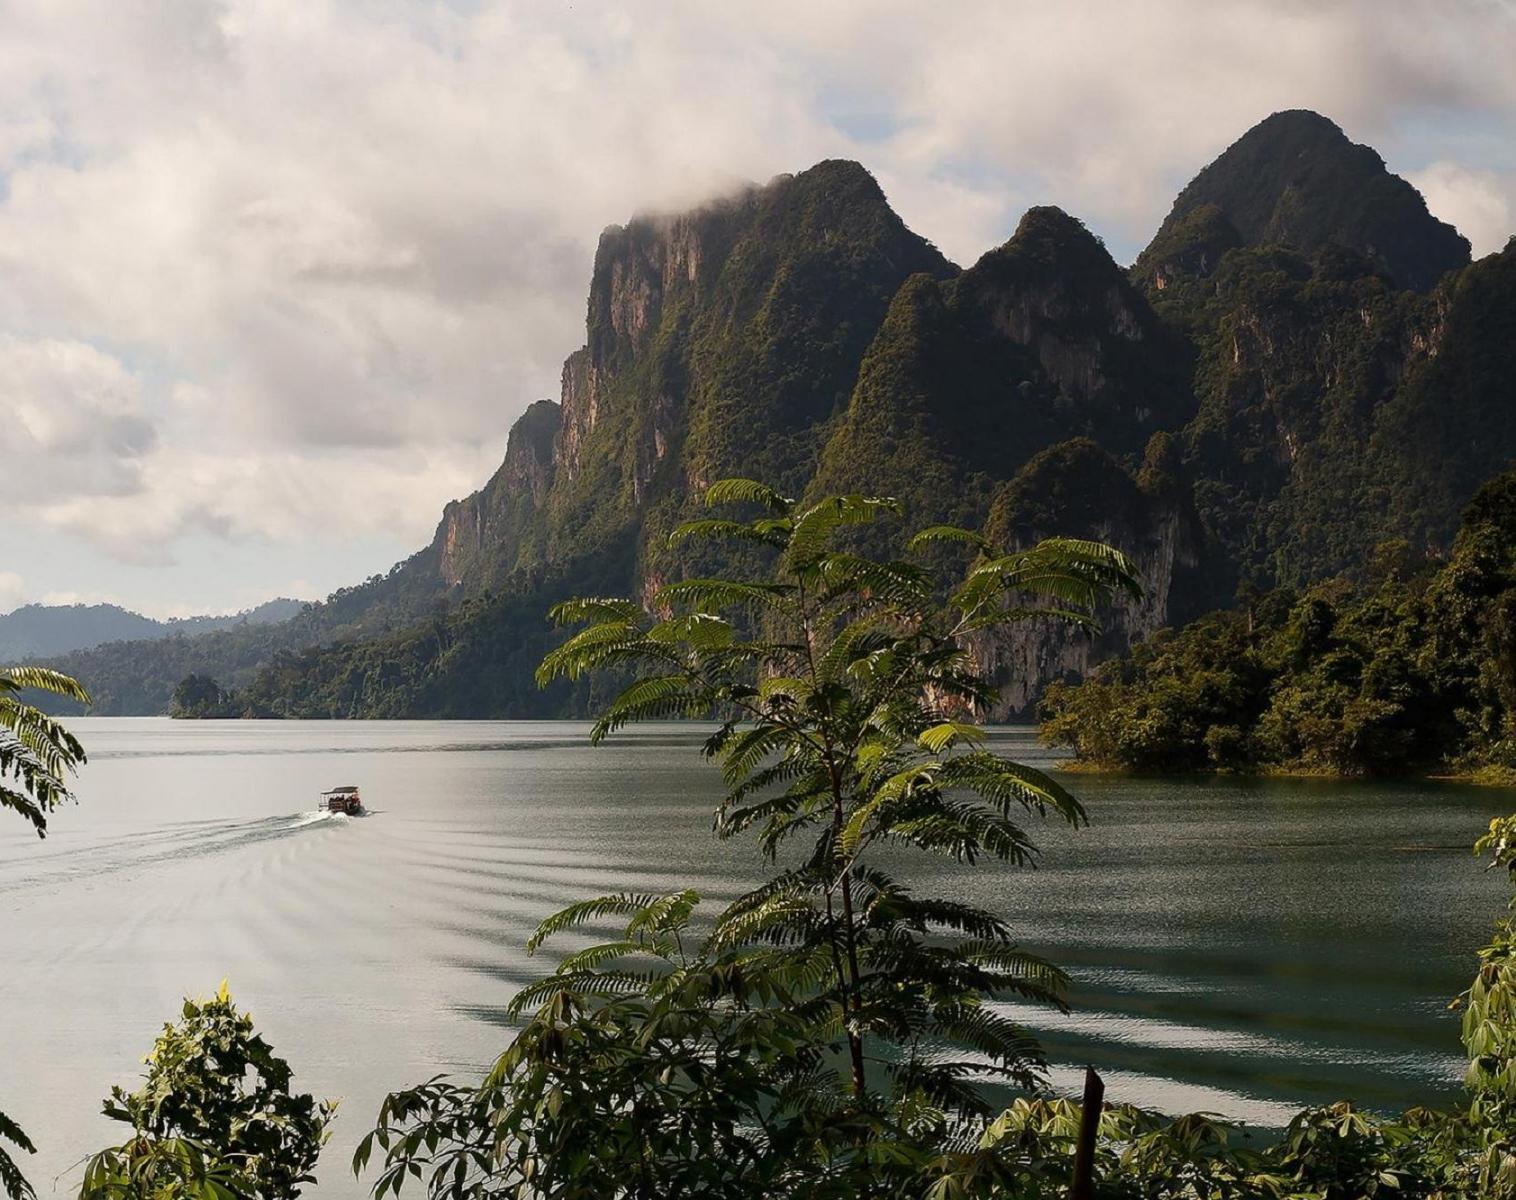 Thaïlande  Immersions au royaume de Siam   Découverte Rencontres et cultures du Monde